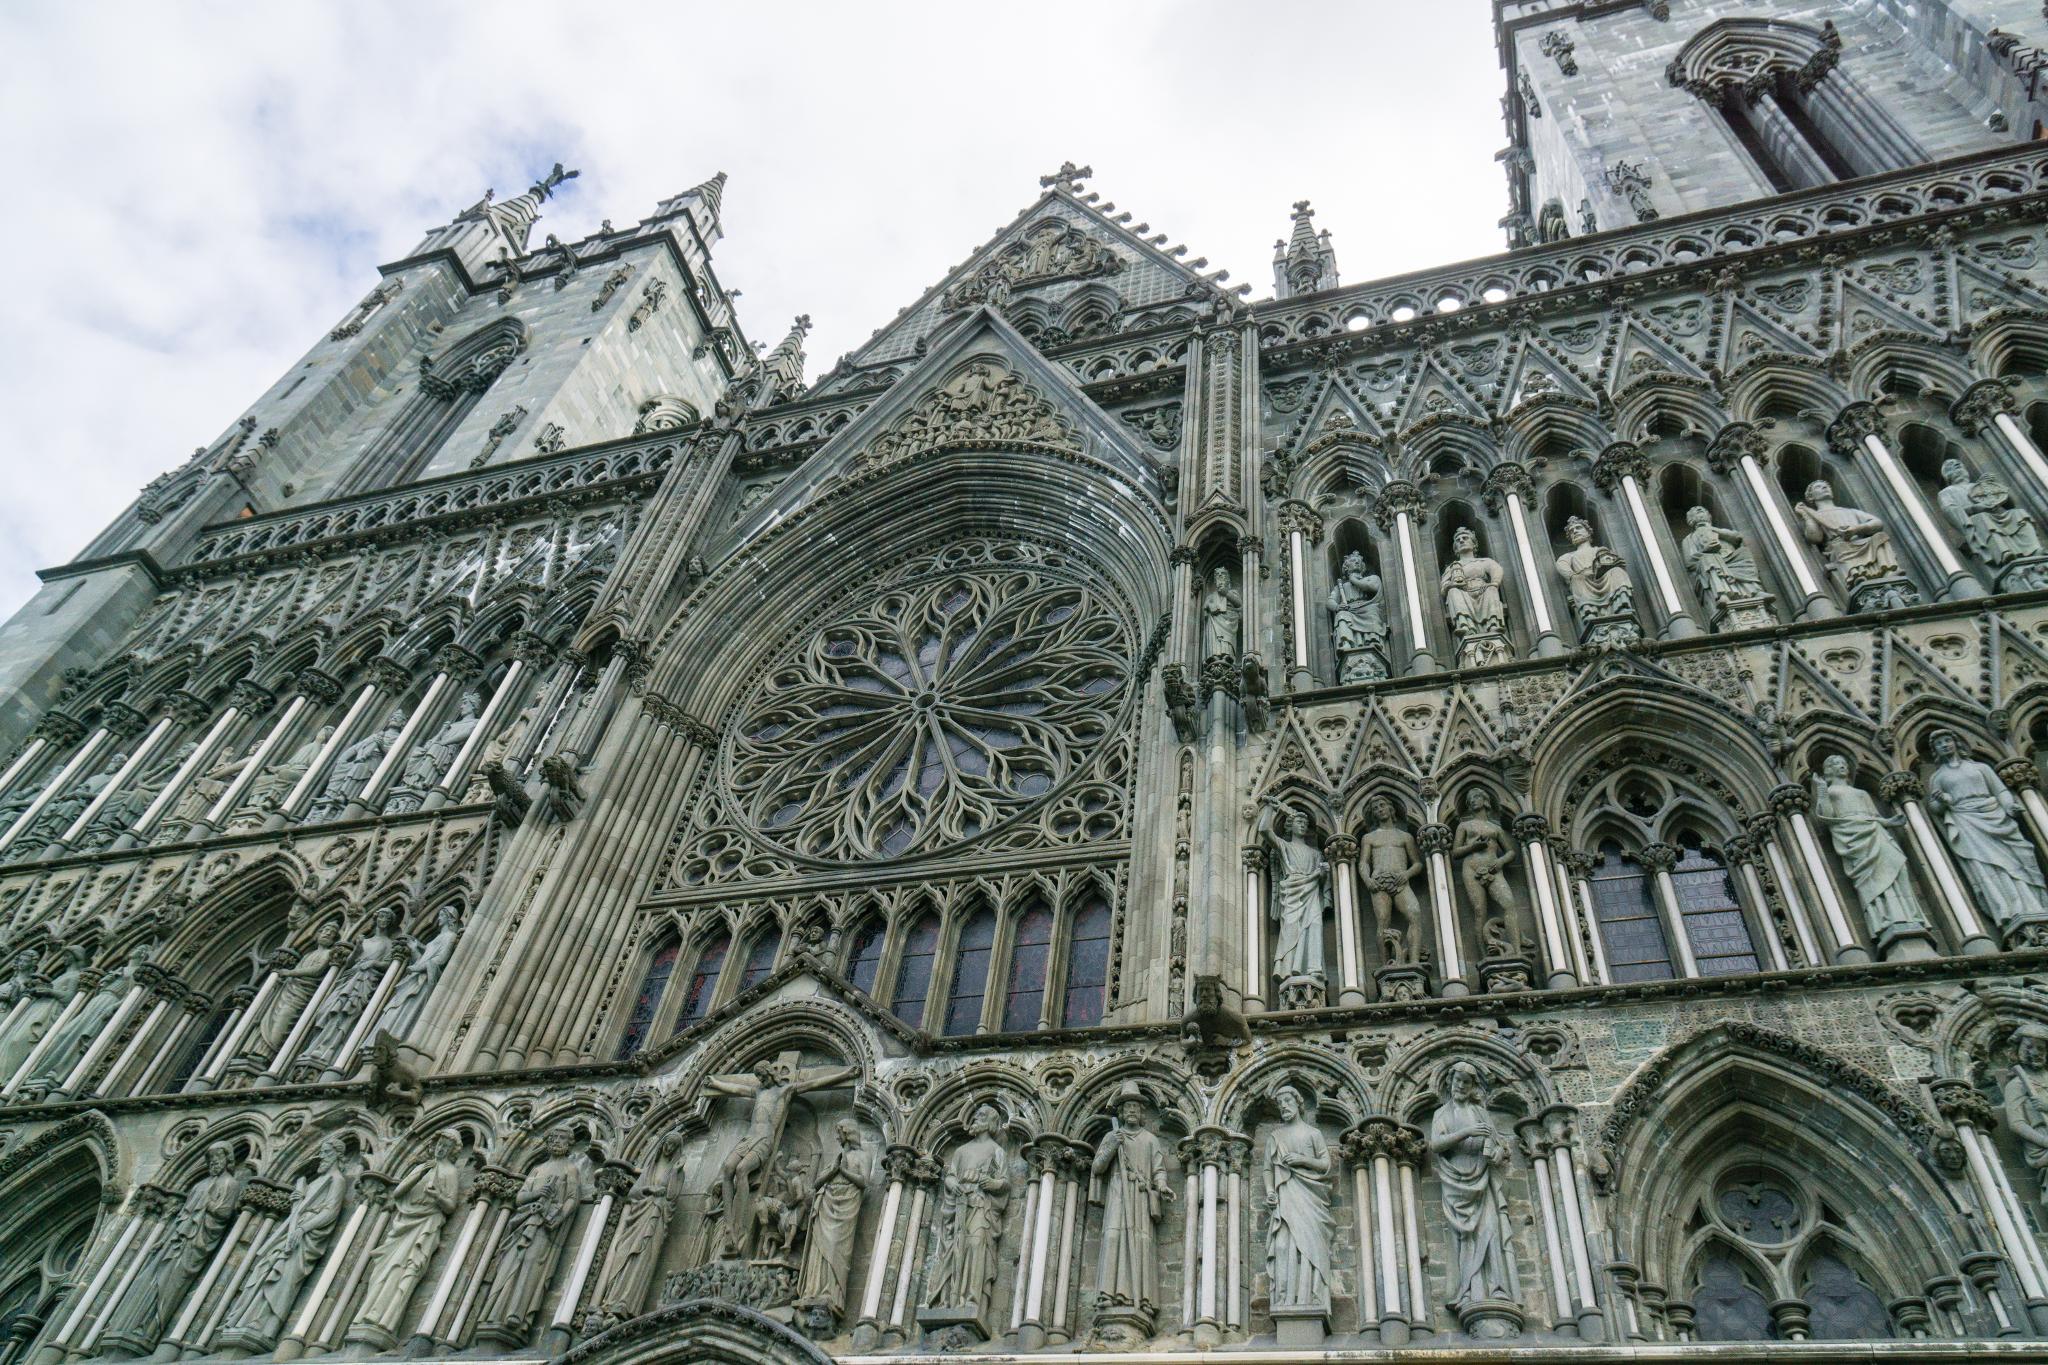 【北歐景點】拜訪維京王的千年古城 - Trondheim 特隆赫姆景點懶人包 23